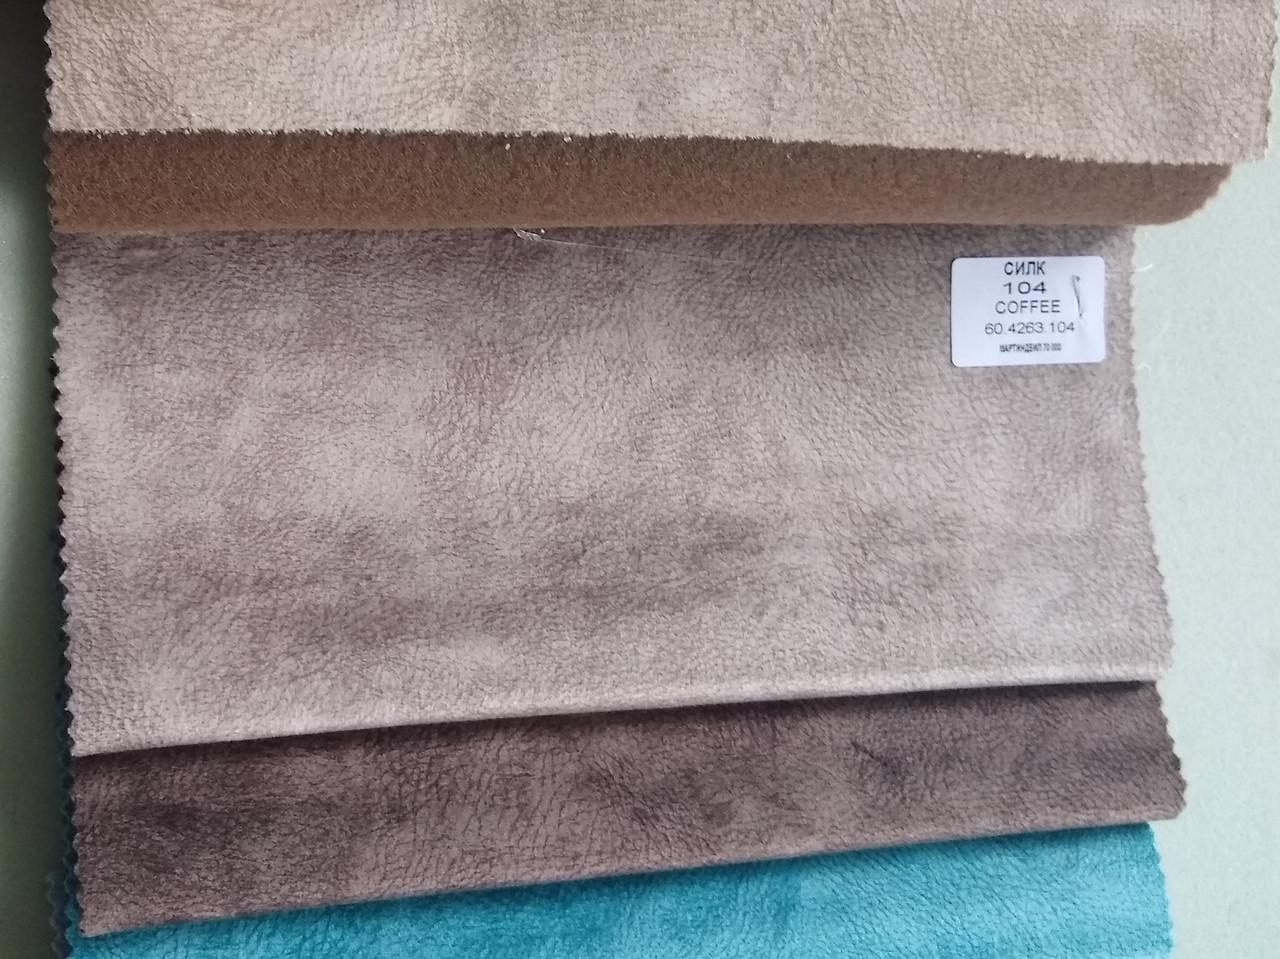 Мебельная велюровая ткань Силк 104 кофи SILK 104 COFFEE